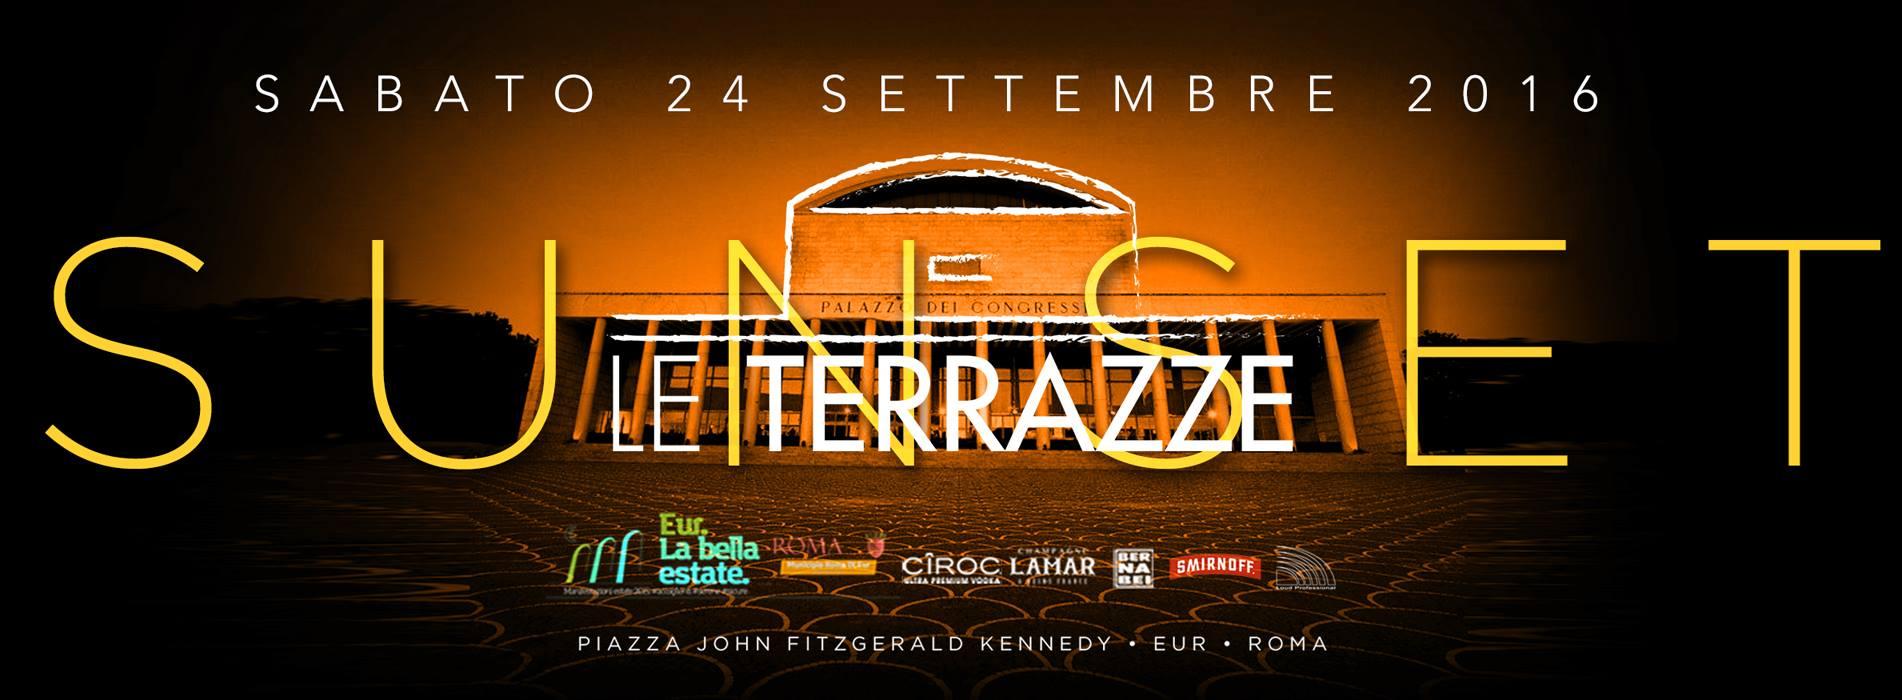 Le Terrazze Discoteca Roma sabato 24 settembre 2016